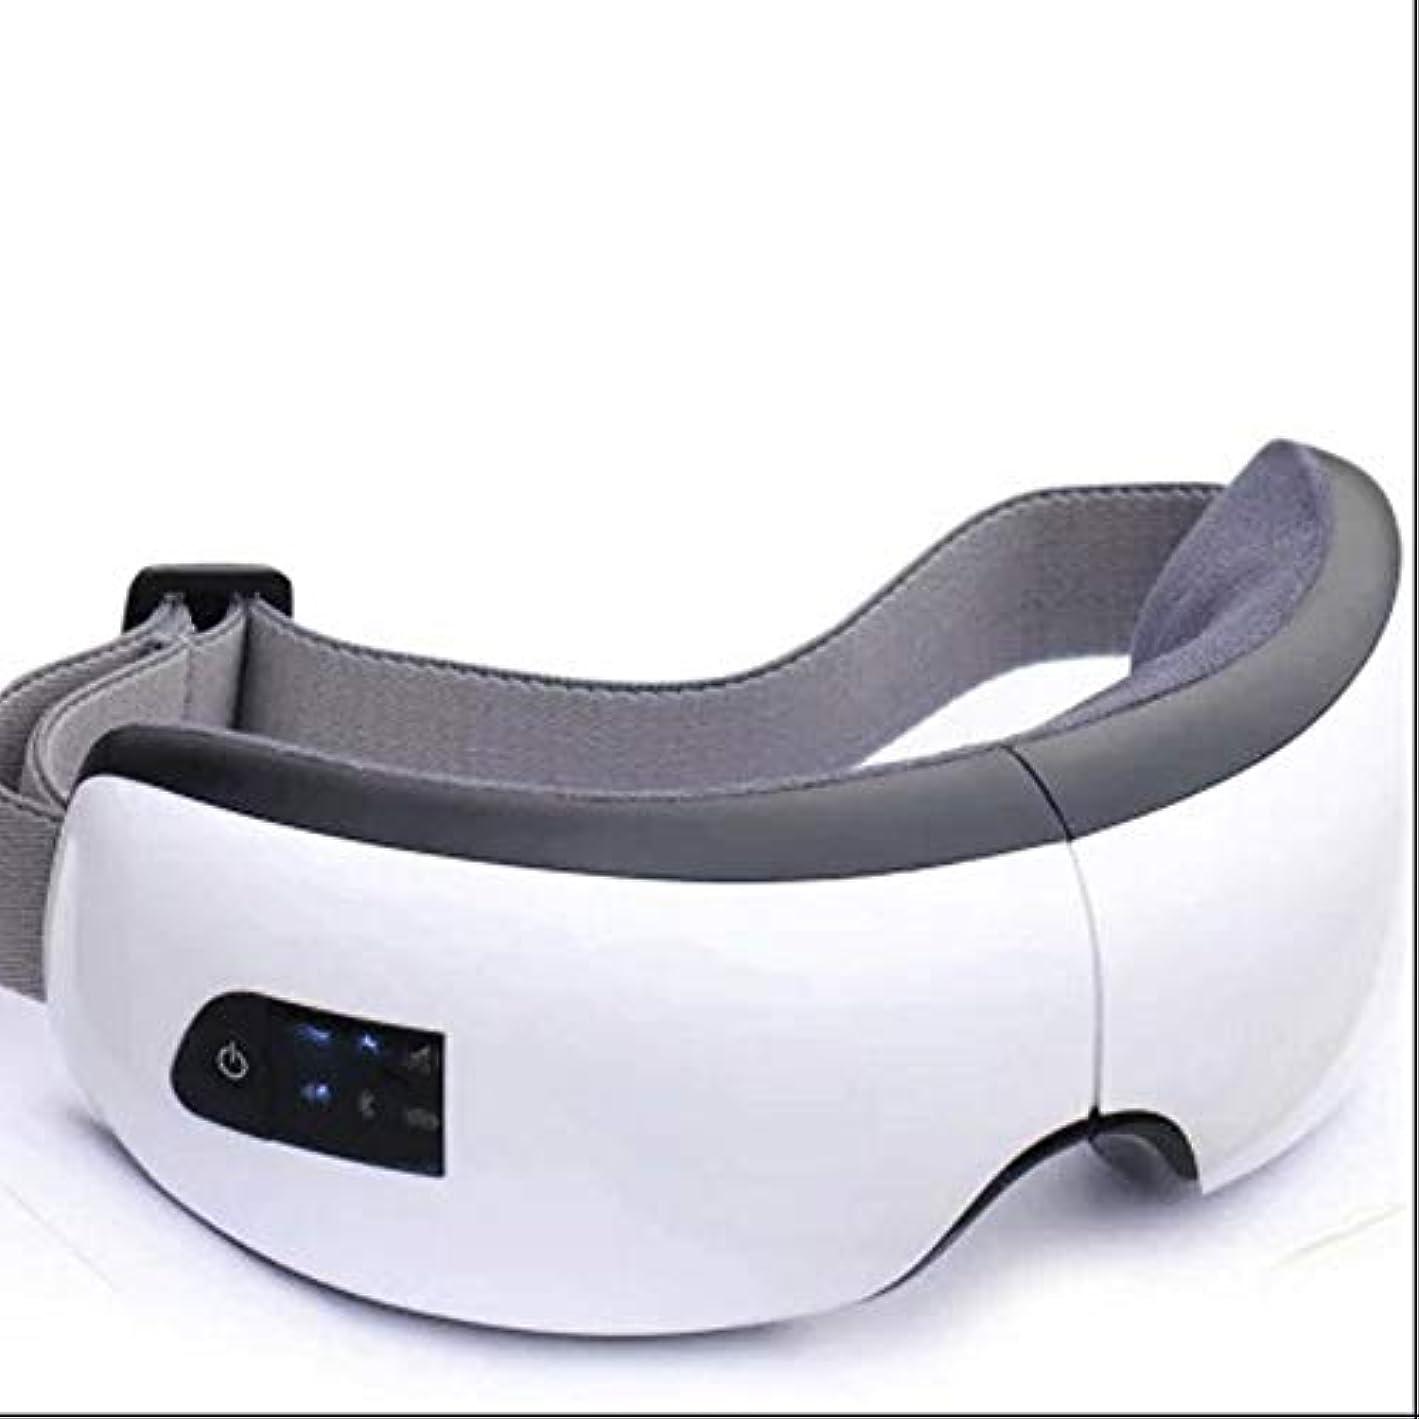 ドキュメンタリー入場五JJYPY 電気目のマッサージャーの振動マッサージの頭部の圧力救助は睡眠を改善します